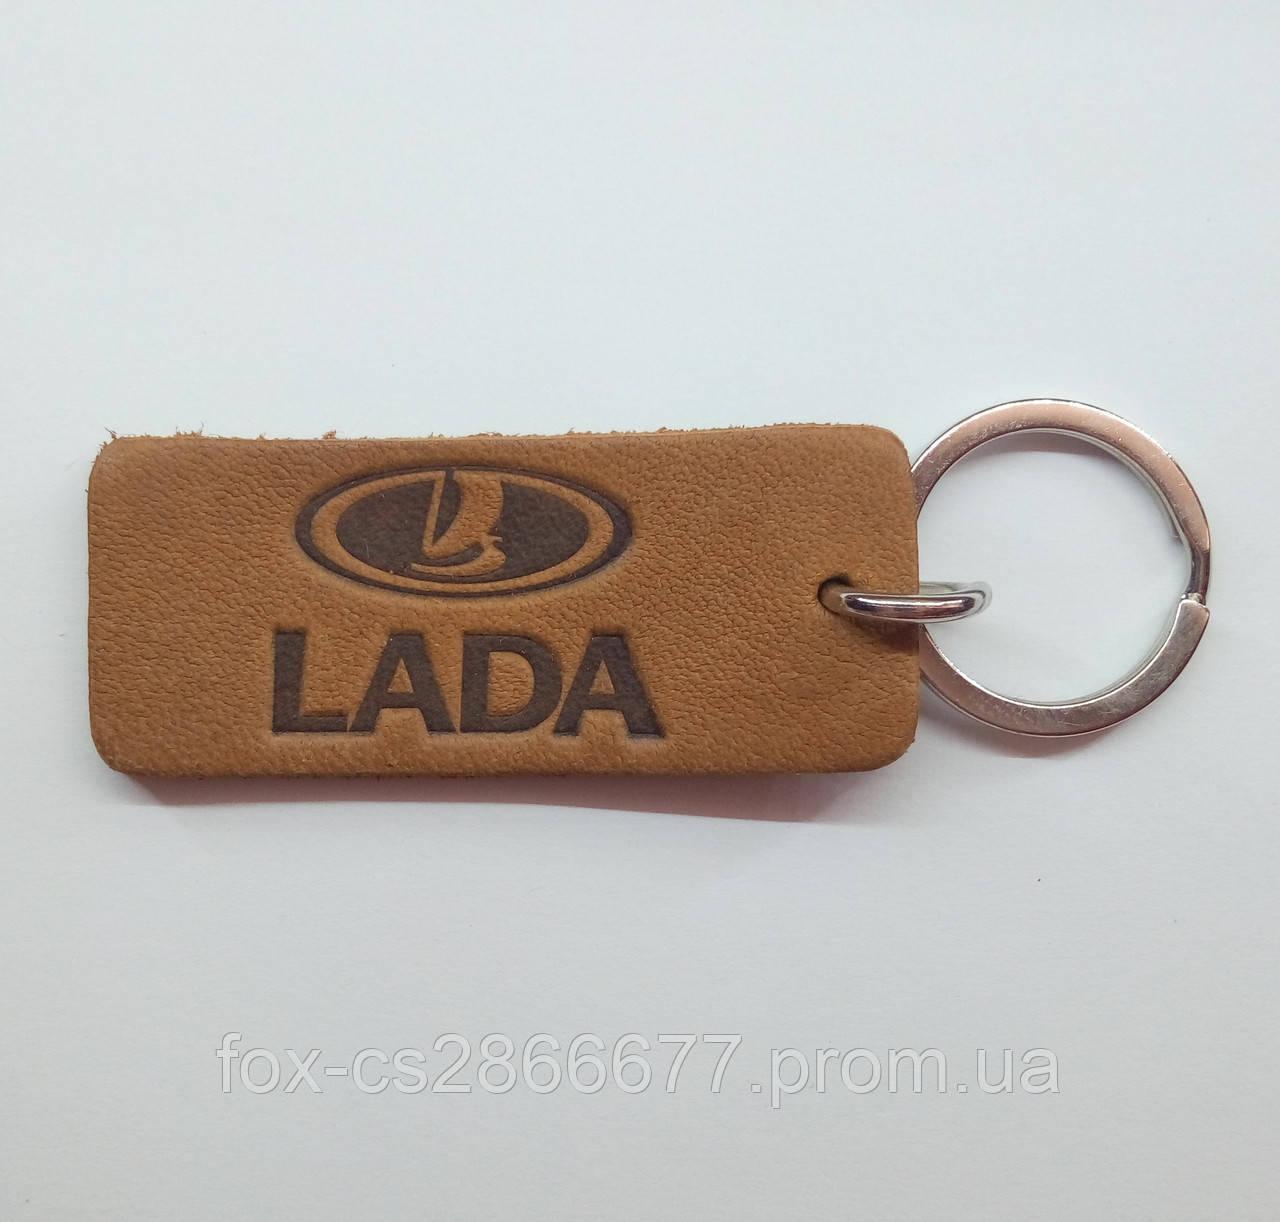 Кожаный брелок / Марки авто / Lada